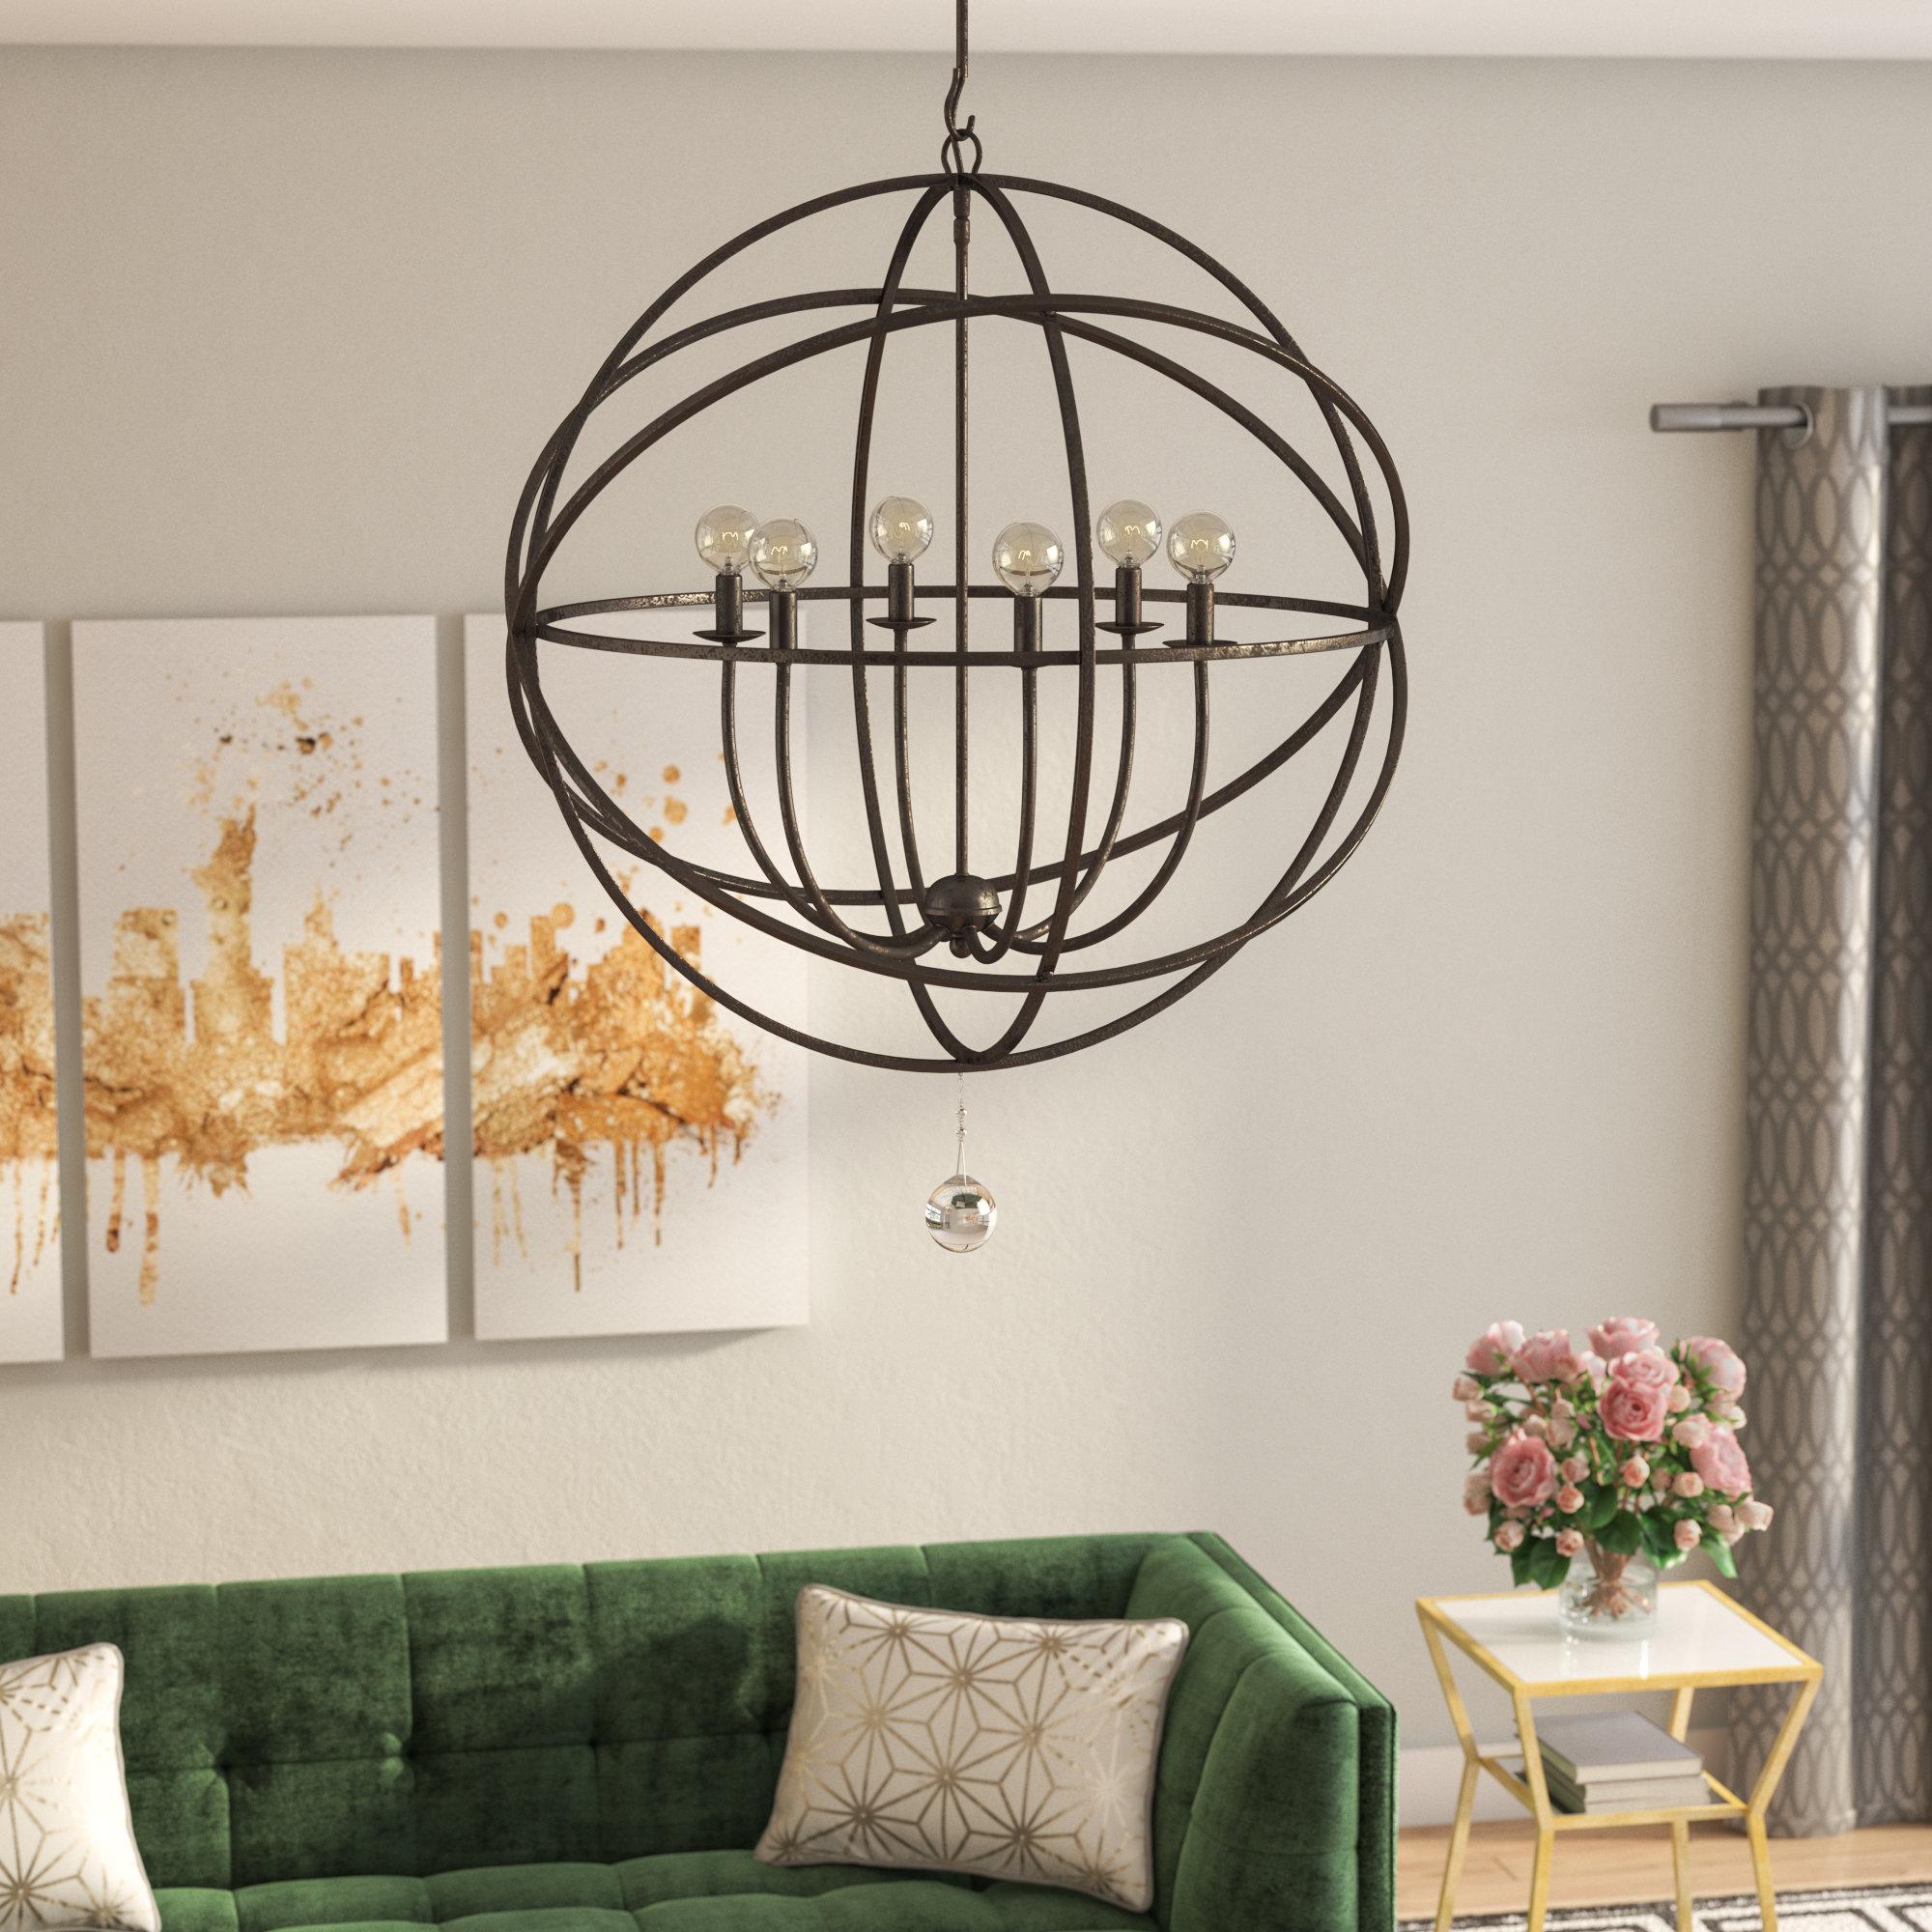 Gregoire 6 Light Globe Chandeliers Regarding 2019 Gregoire 6 Light Globe Chandelier (Gallery 5 of 20)